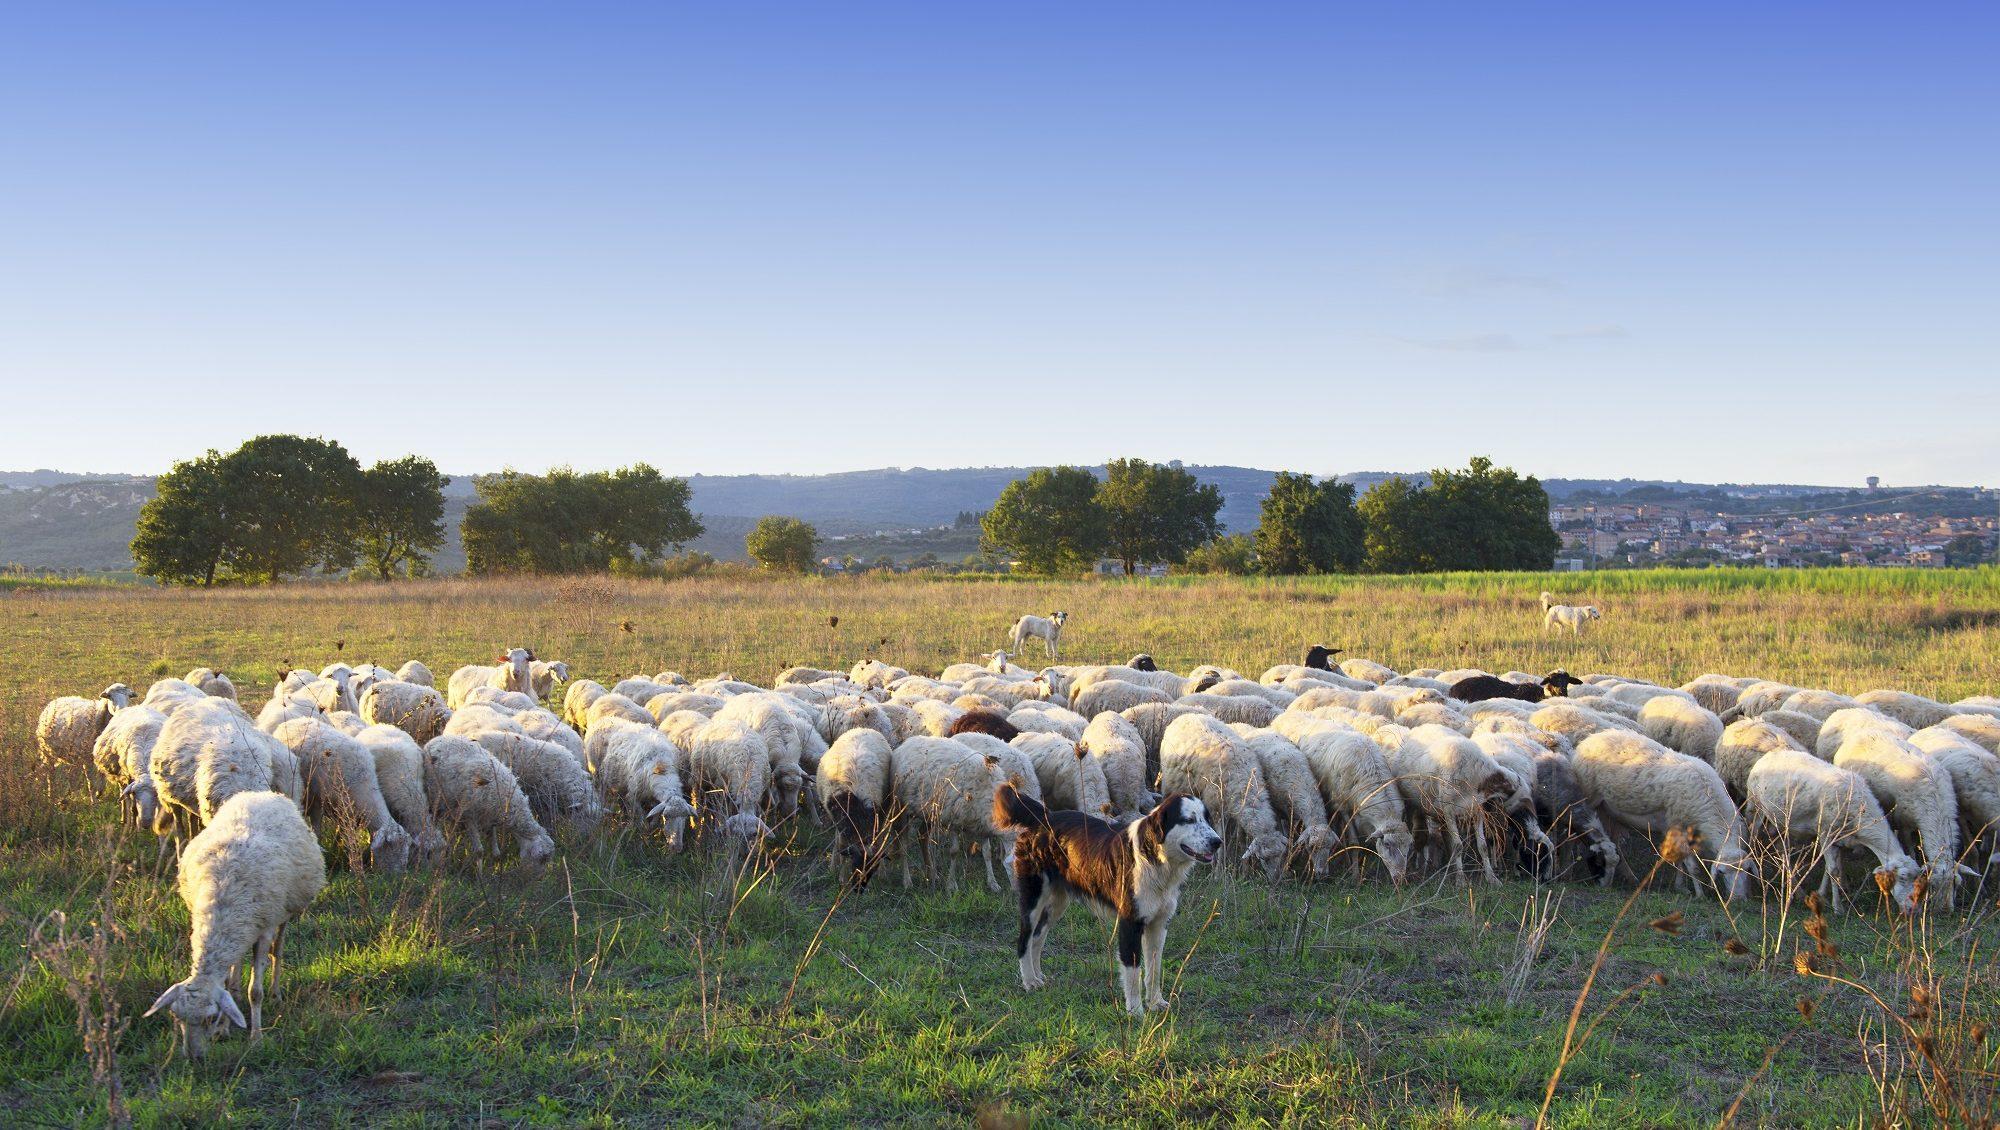 Schafsherde eines Schäfers